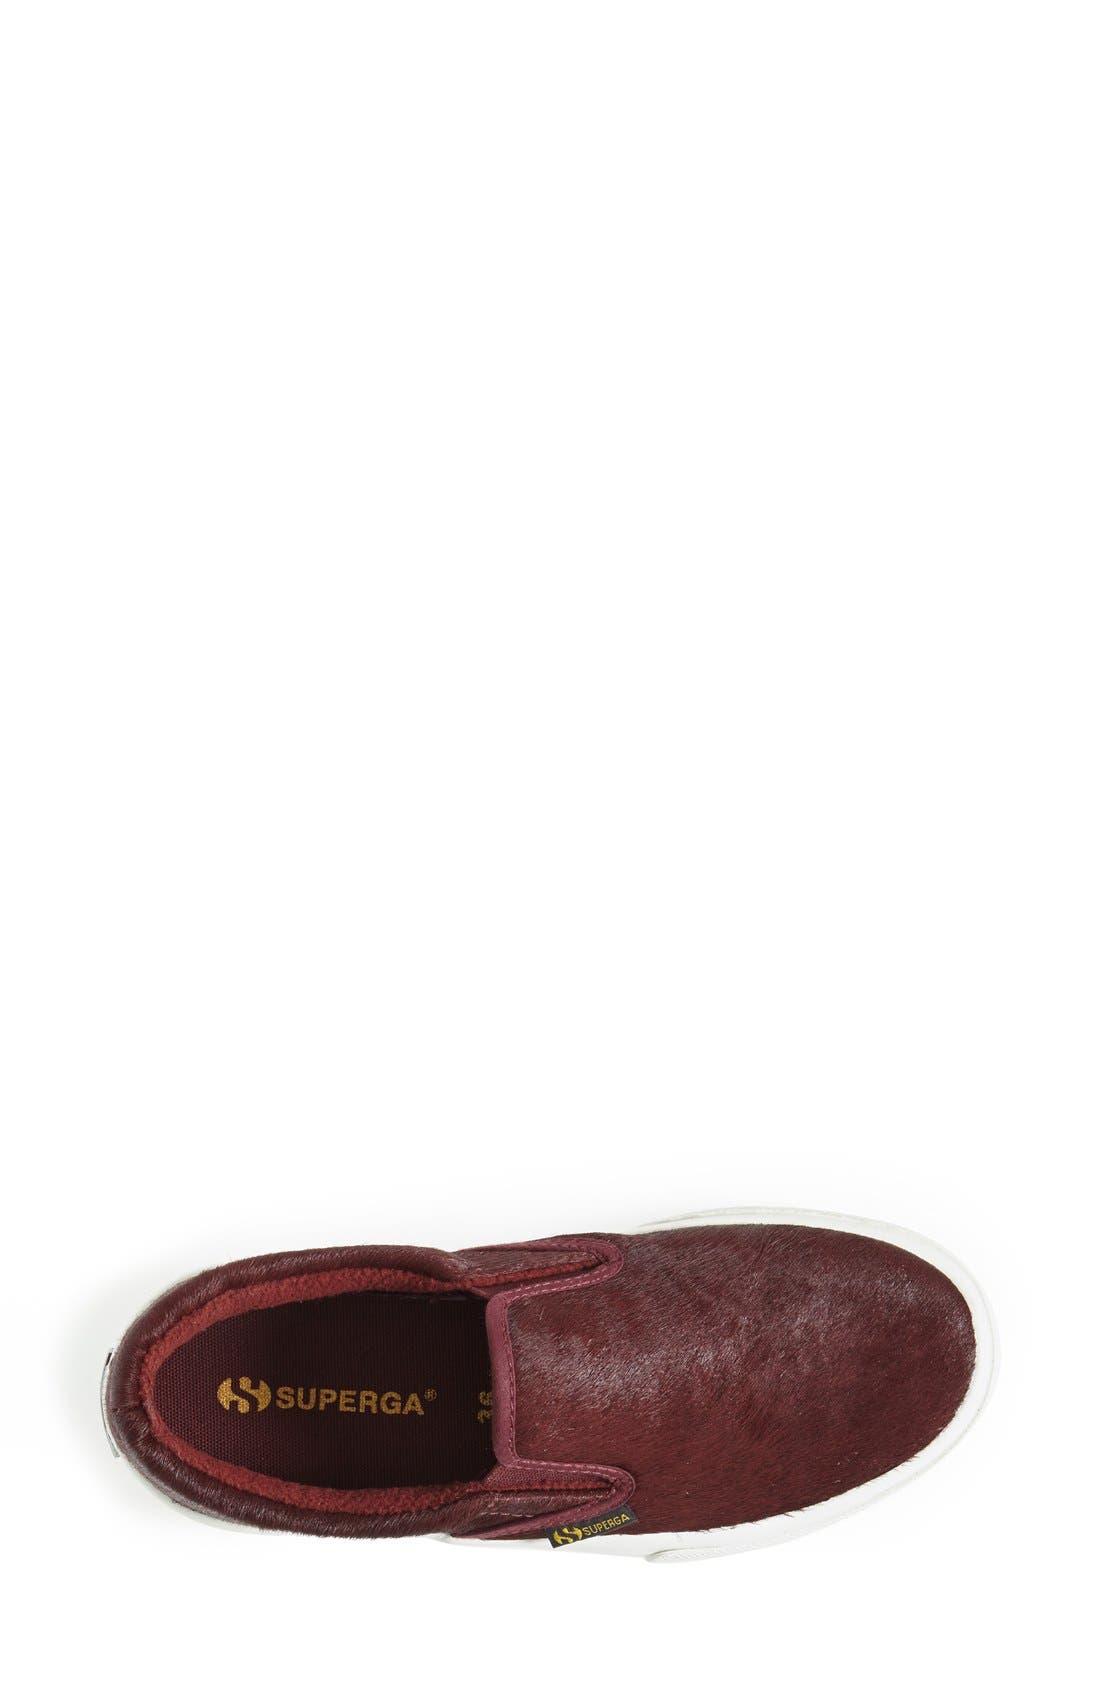 Alternate Image 3  - Superga Calf Hair Slip-On Sneaker (Women)